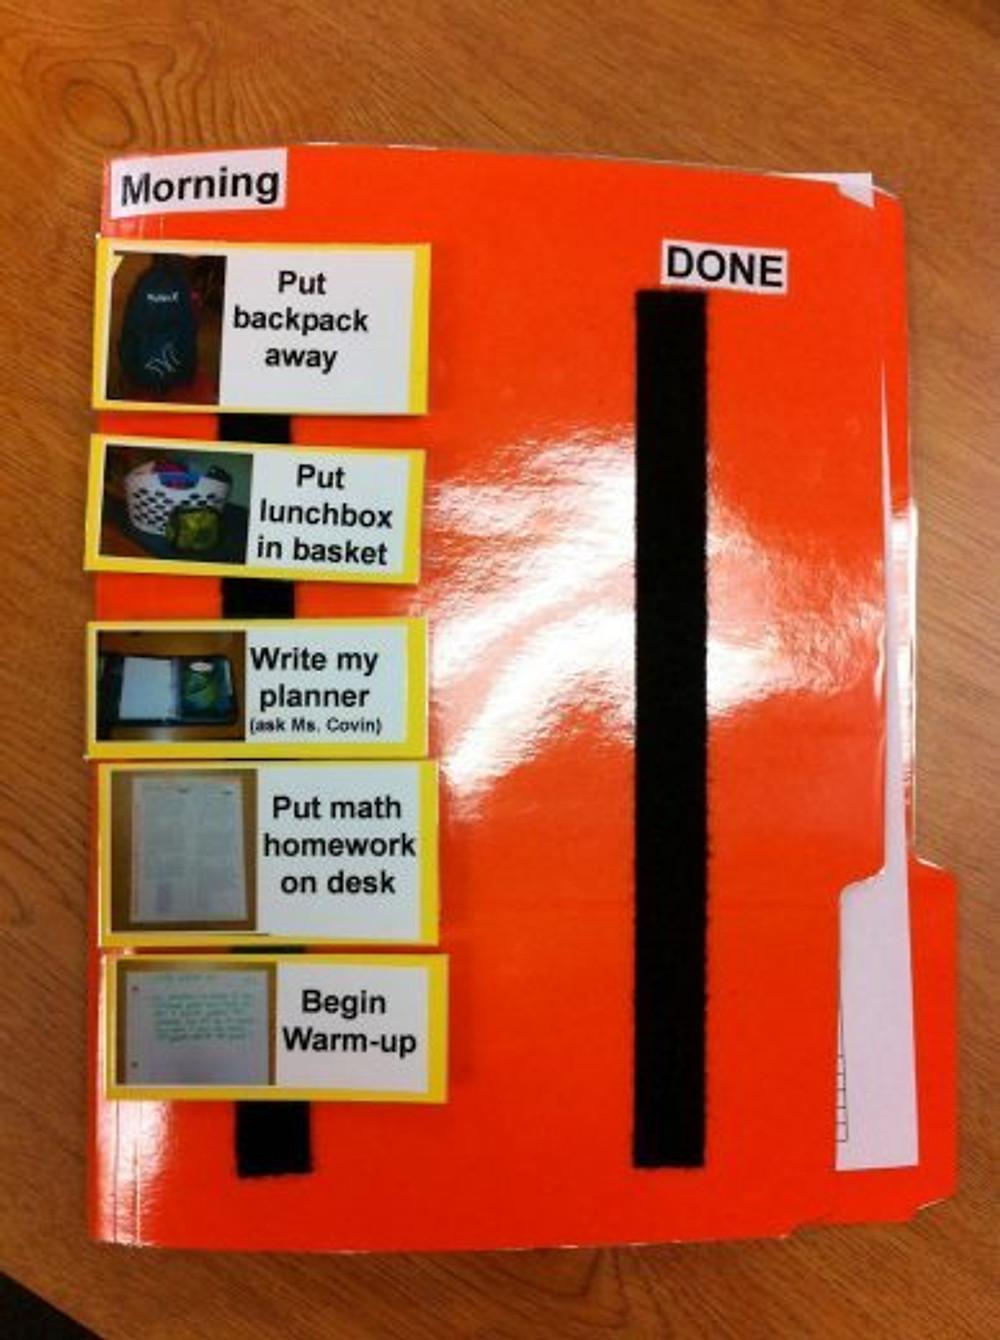 Calendário com as atividades da manhã. O que for sendo terminado, passa para o lado direito. Esse eu tirei daqui: http://bit.ly/1OylM9M